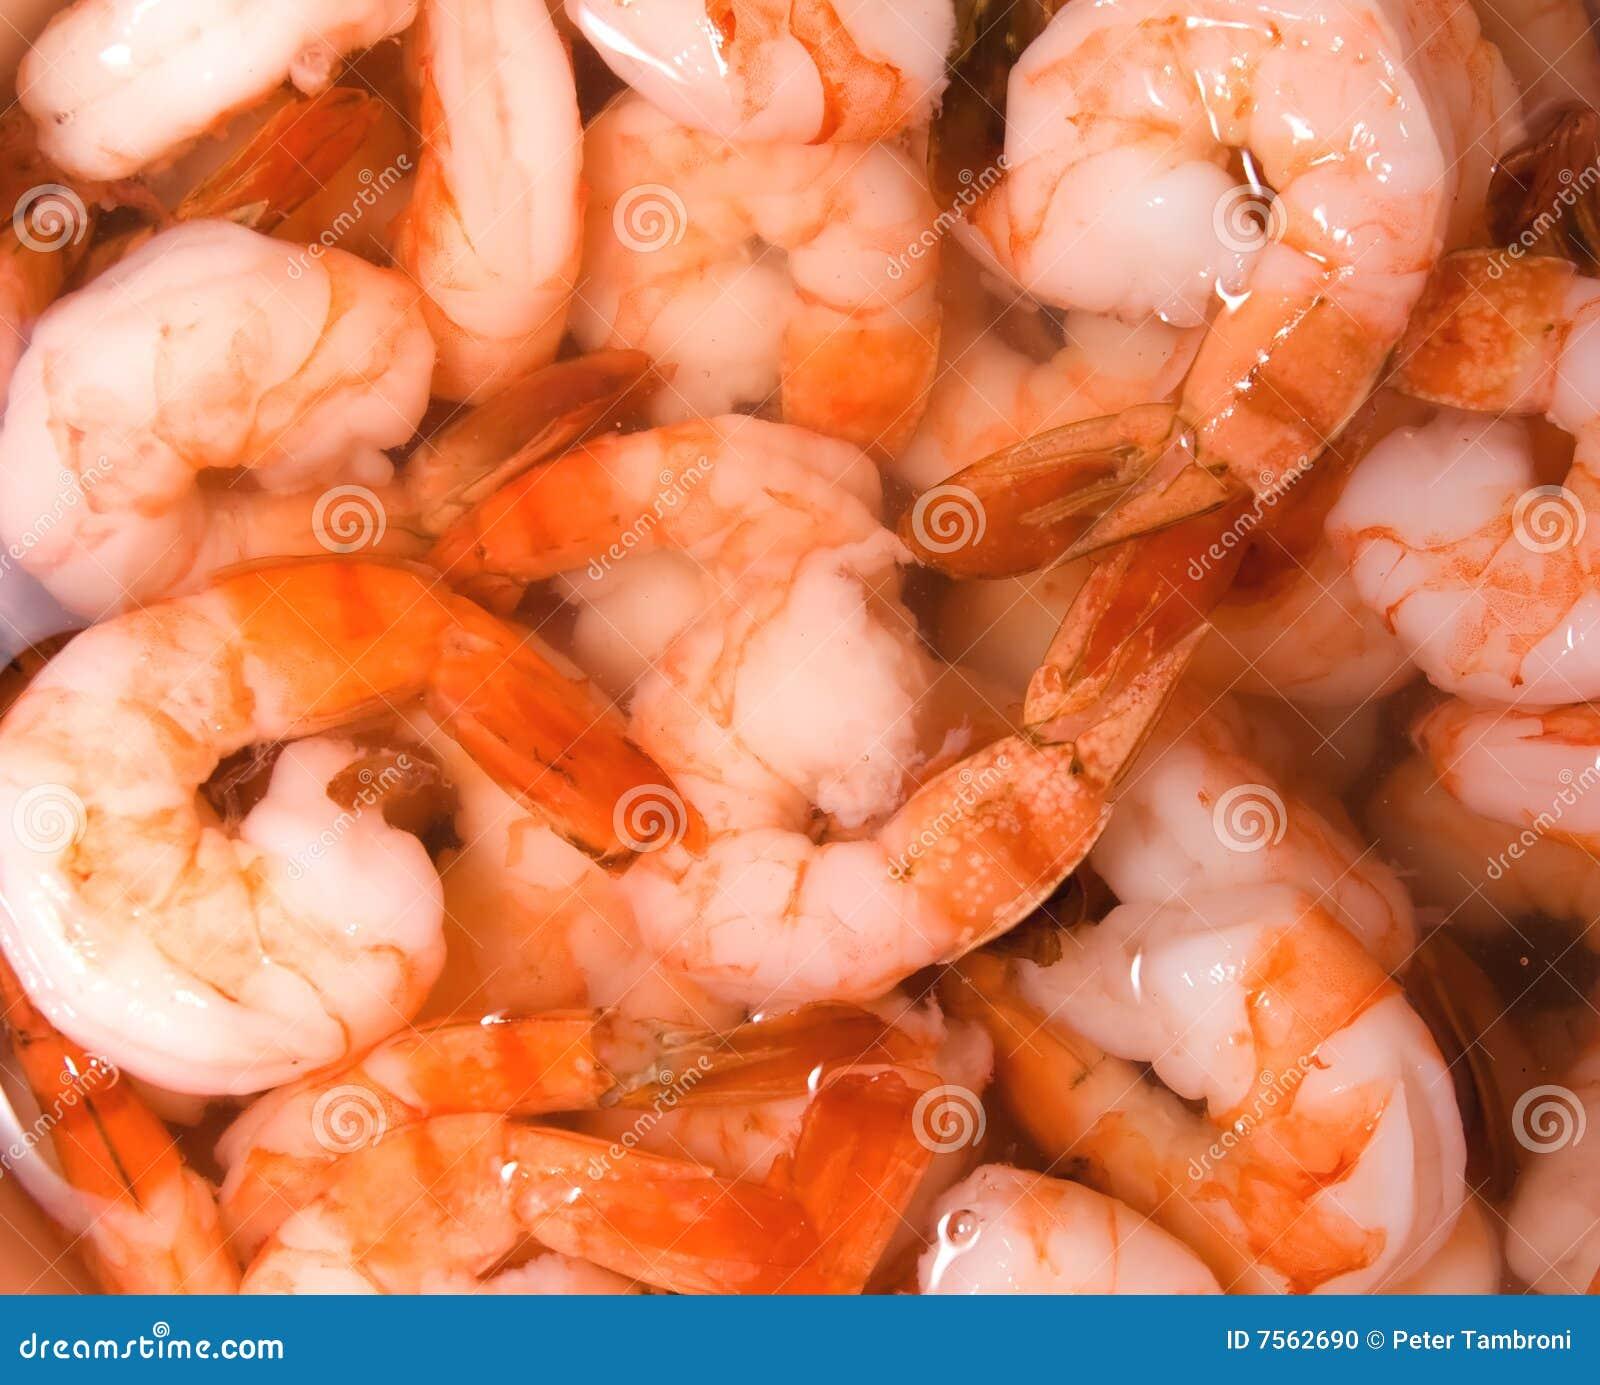 Shrimp Stock Photo - Image: 7562690